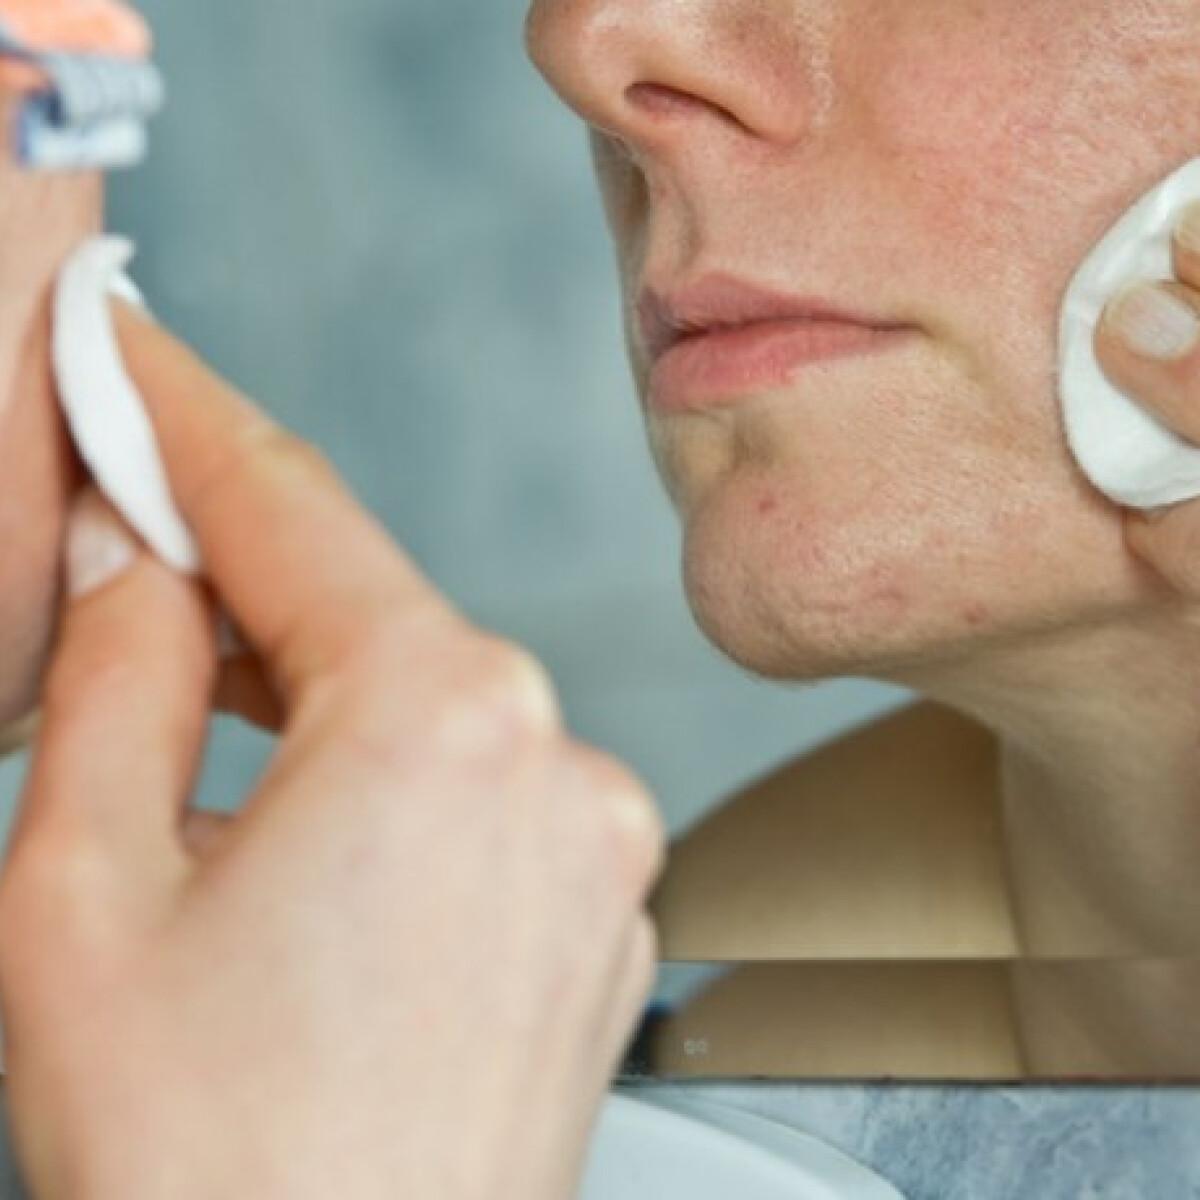 Komoly lelki következményei lehetnek az aknés bőrnek